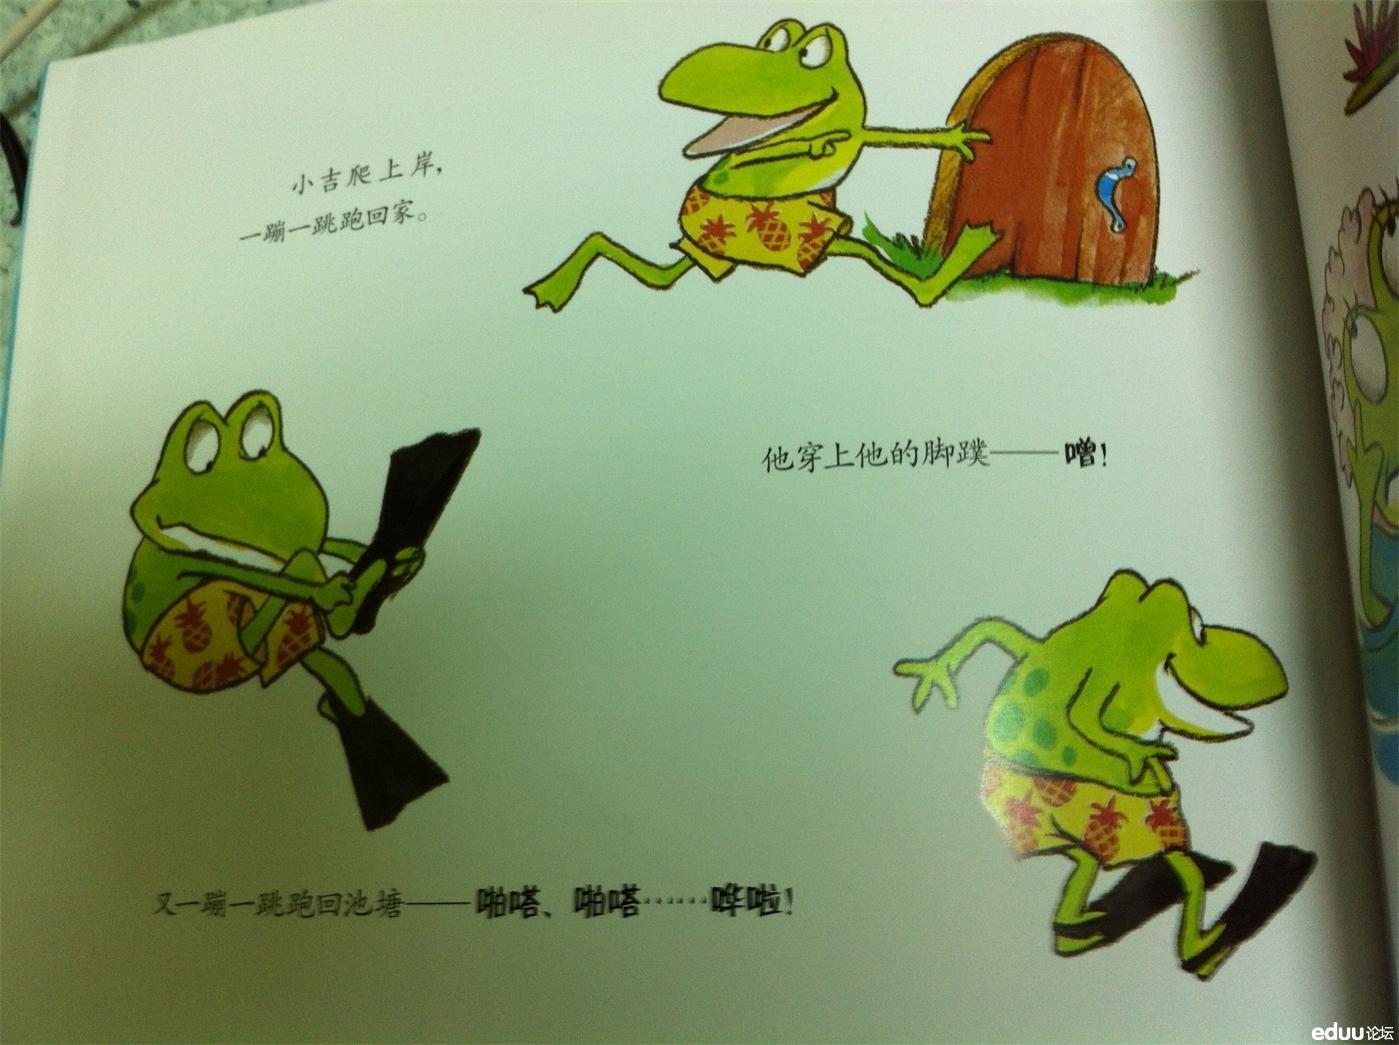 小青蛙的成长历程,这只青蛙就像我们的孩子